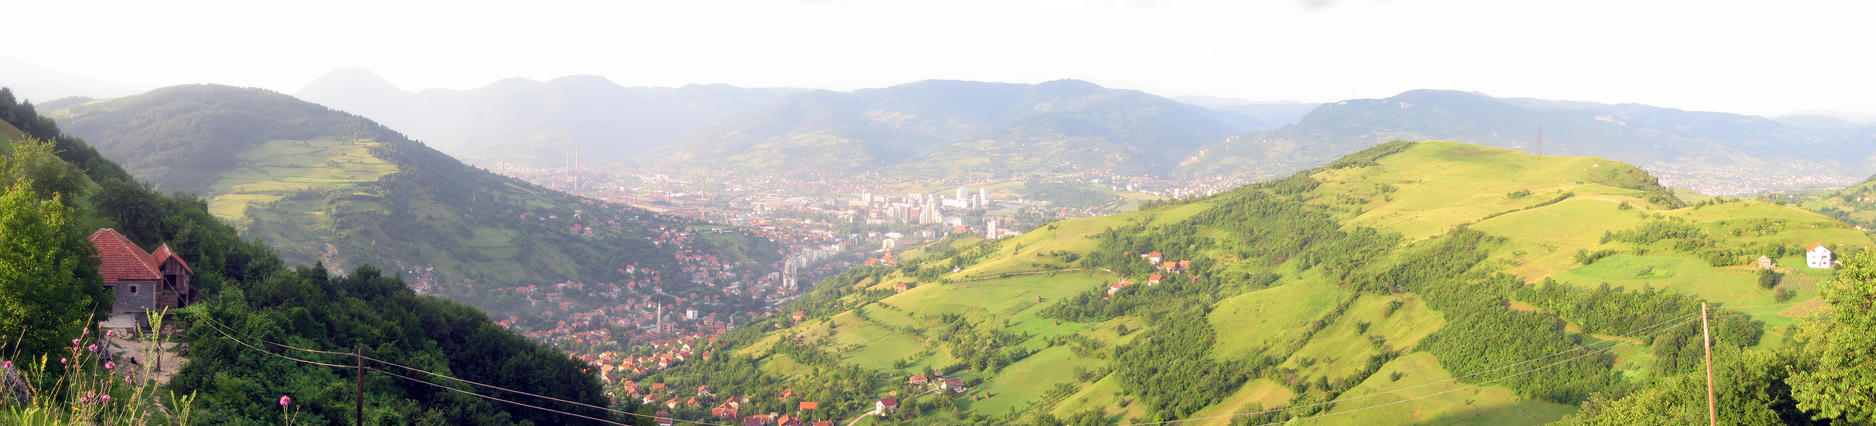 Zenica panorama by Medo145